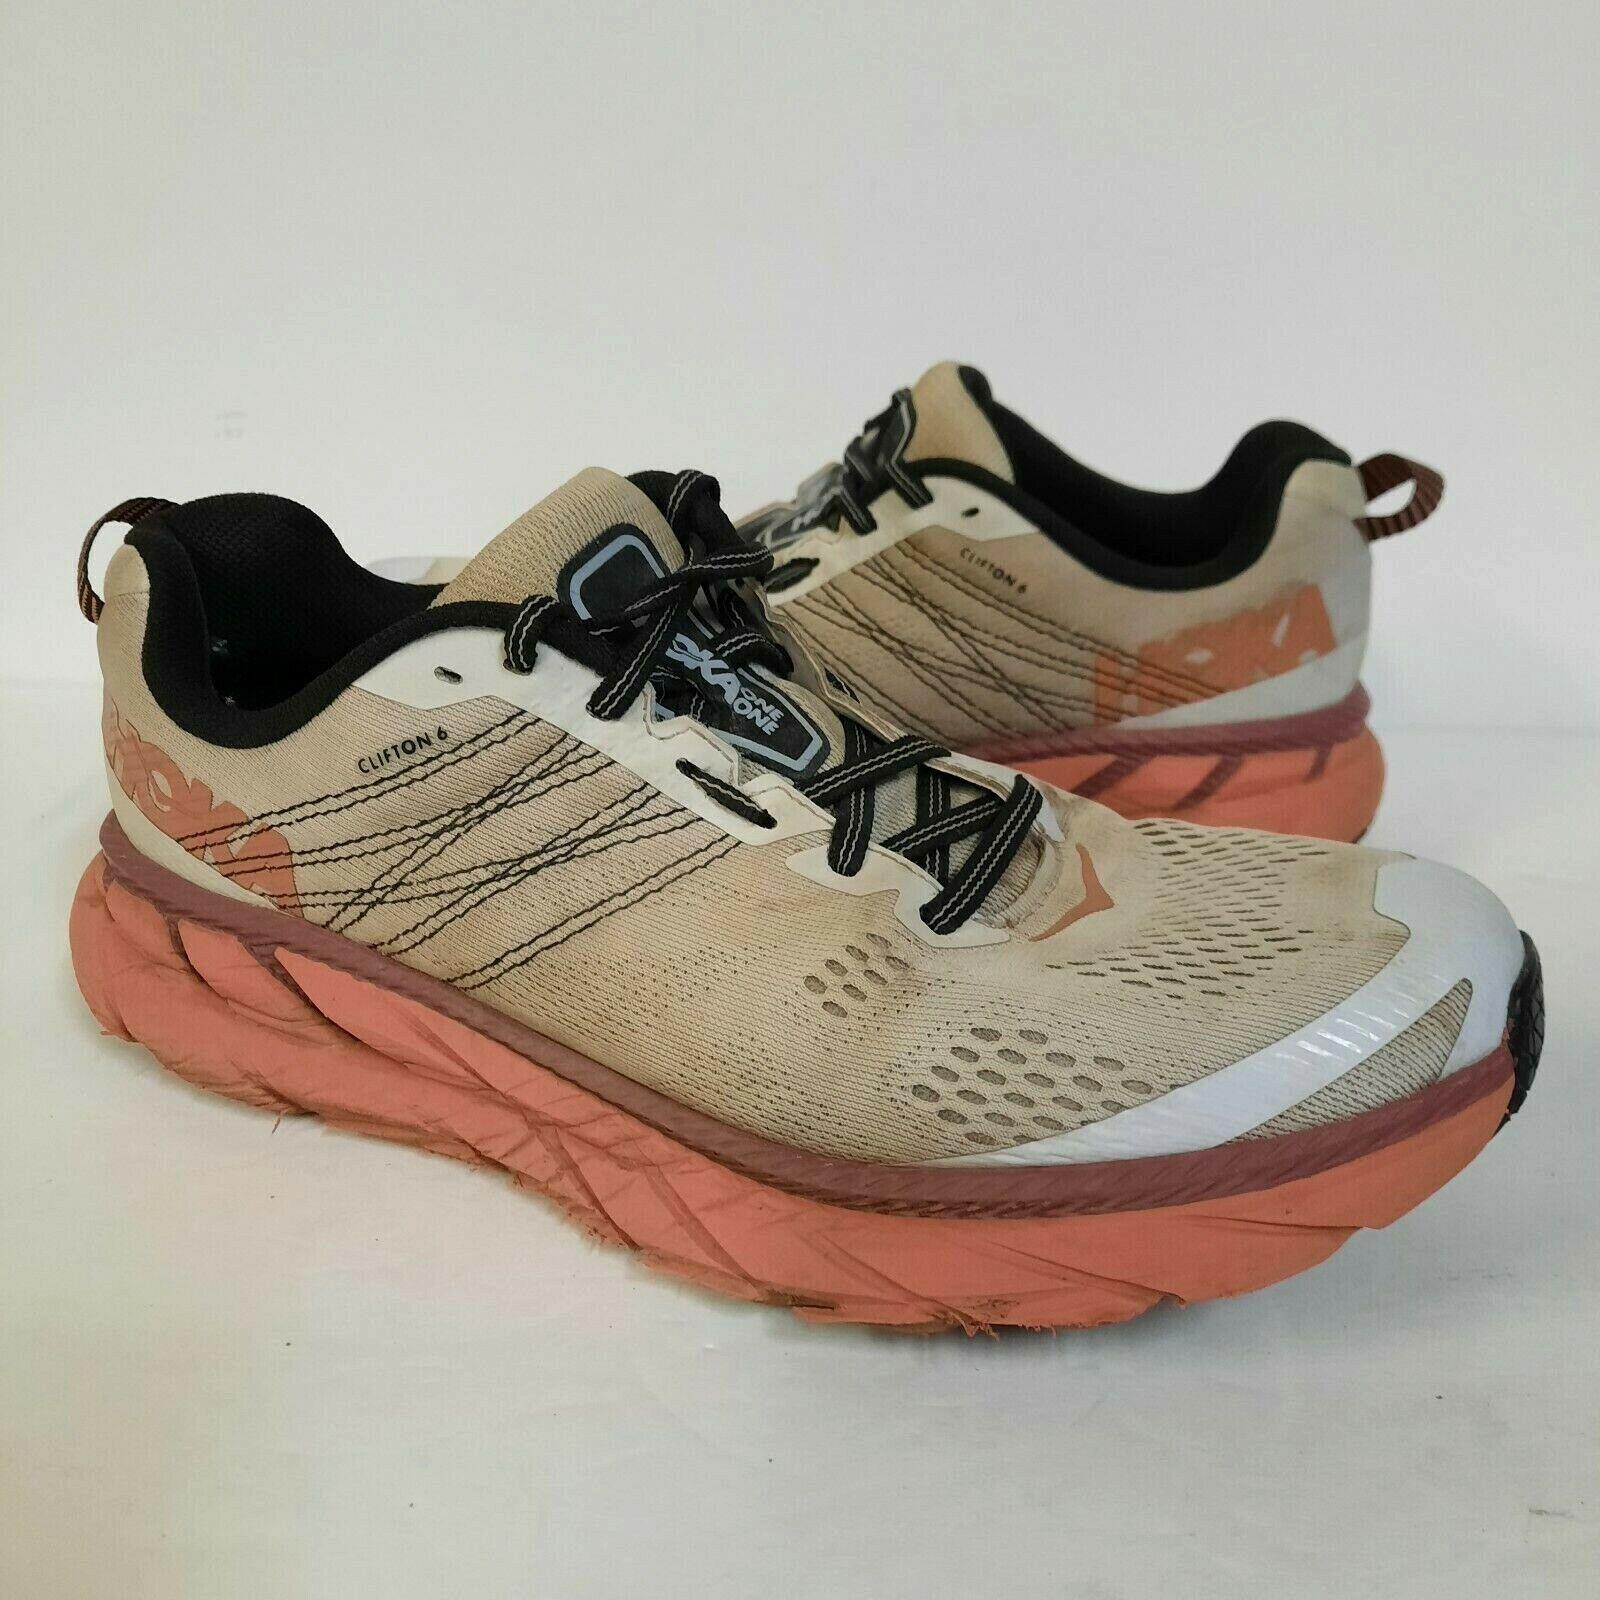 HOKA One One Clifton 6 Chaussures De Course Baskets Pour Femme 9.5 Nimbus Cloud 1102873